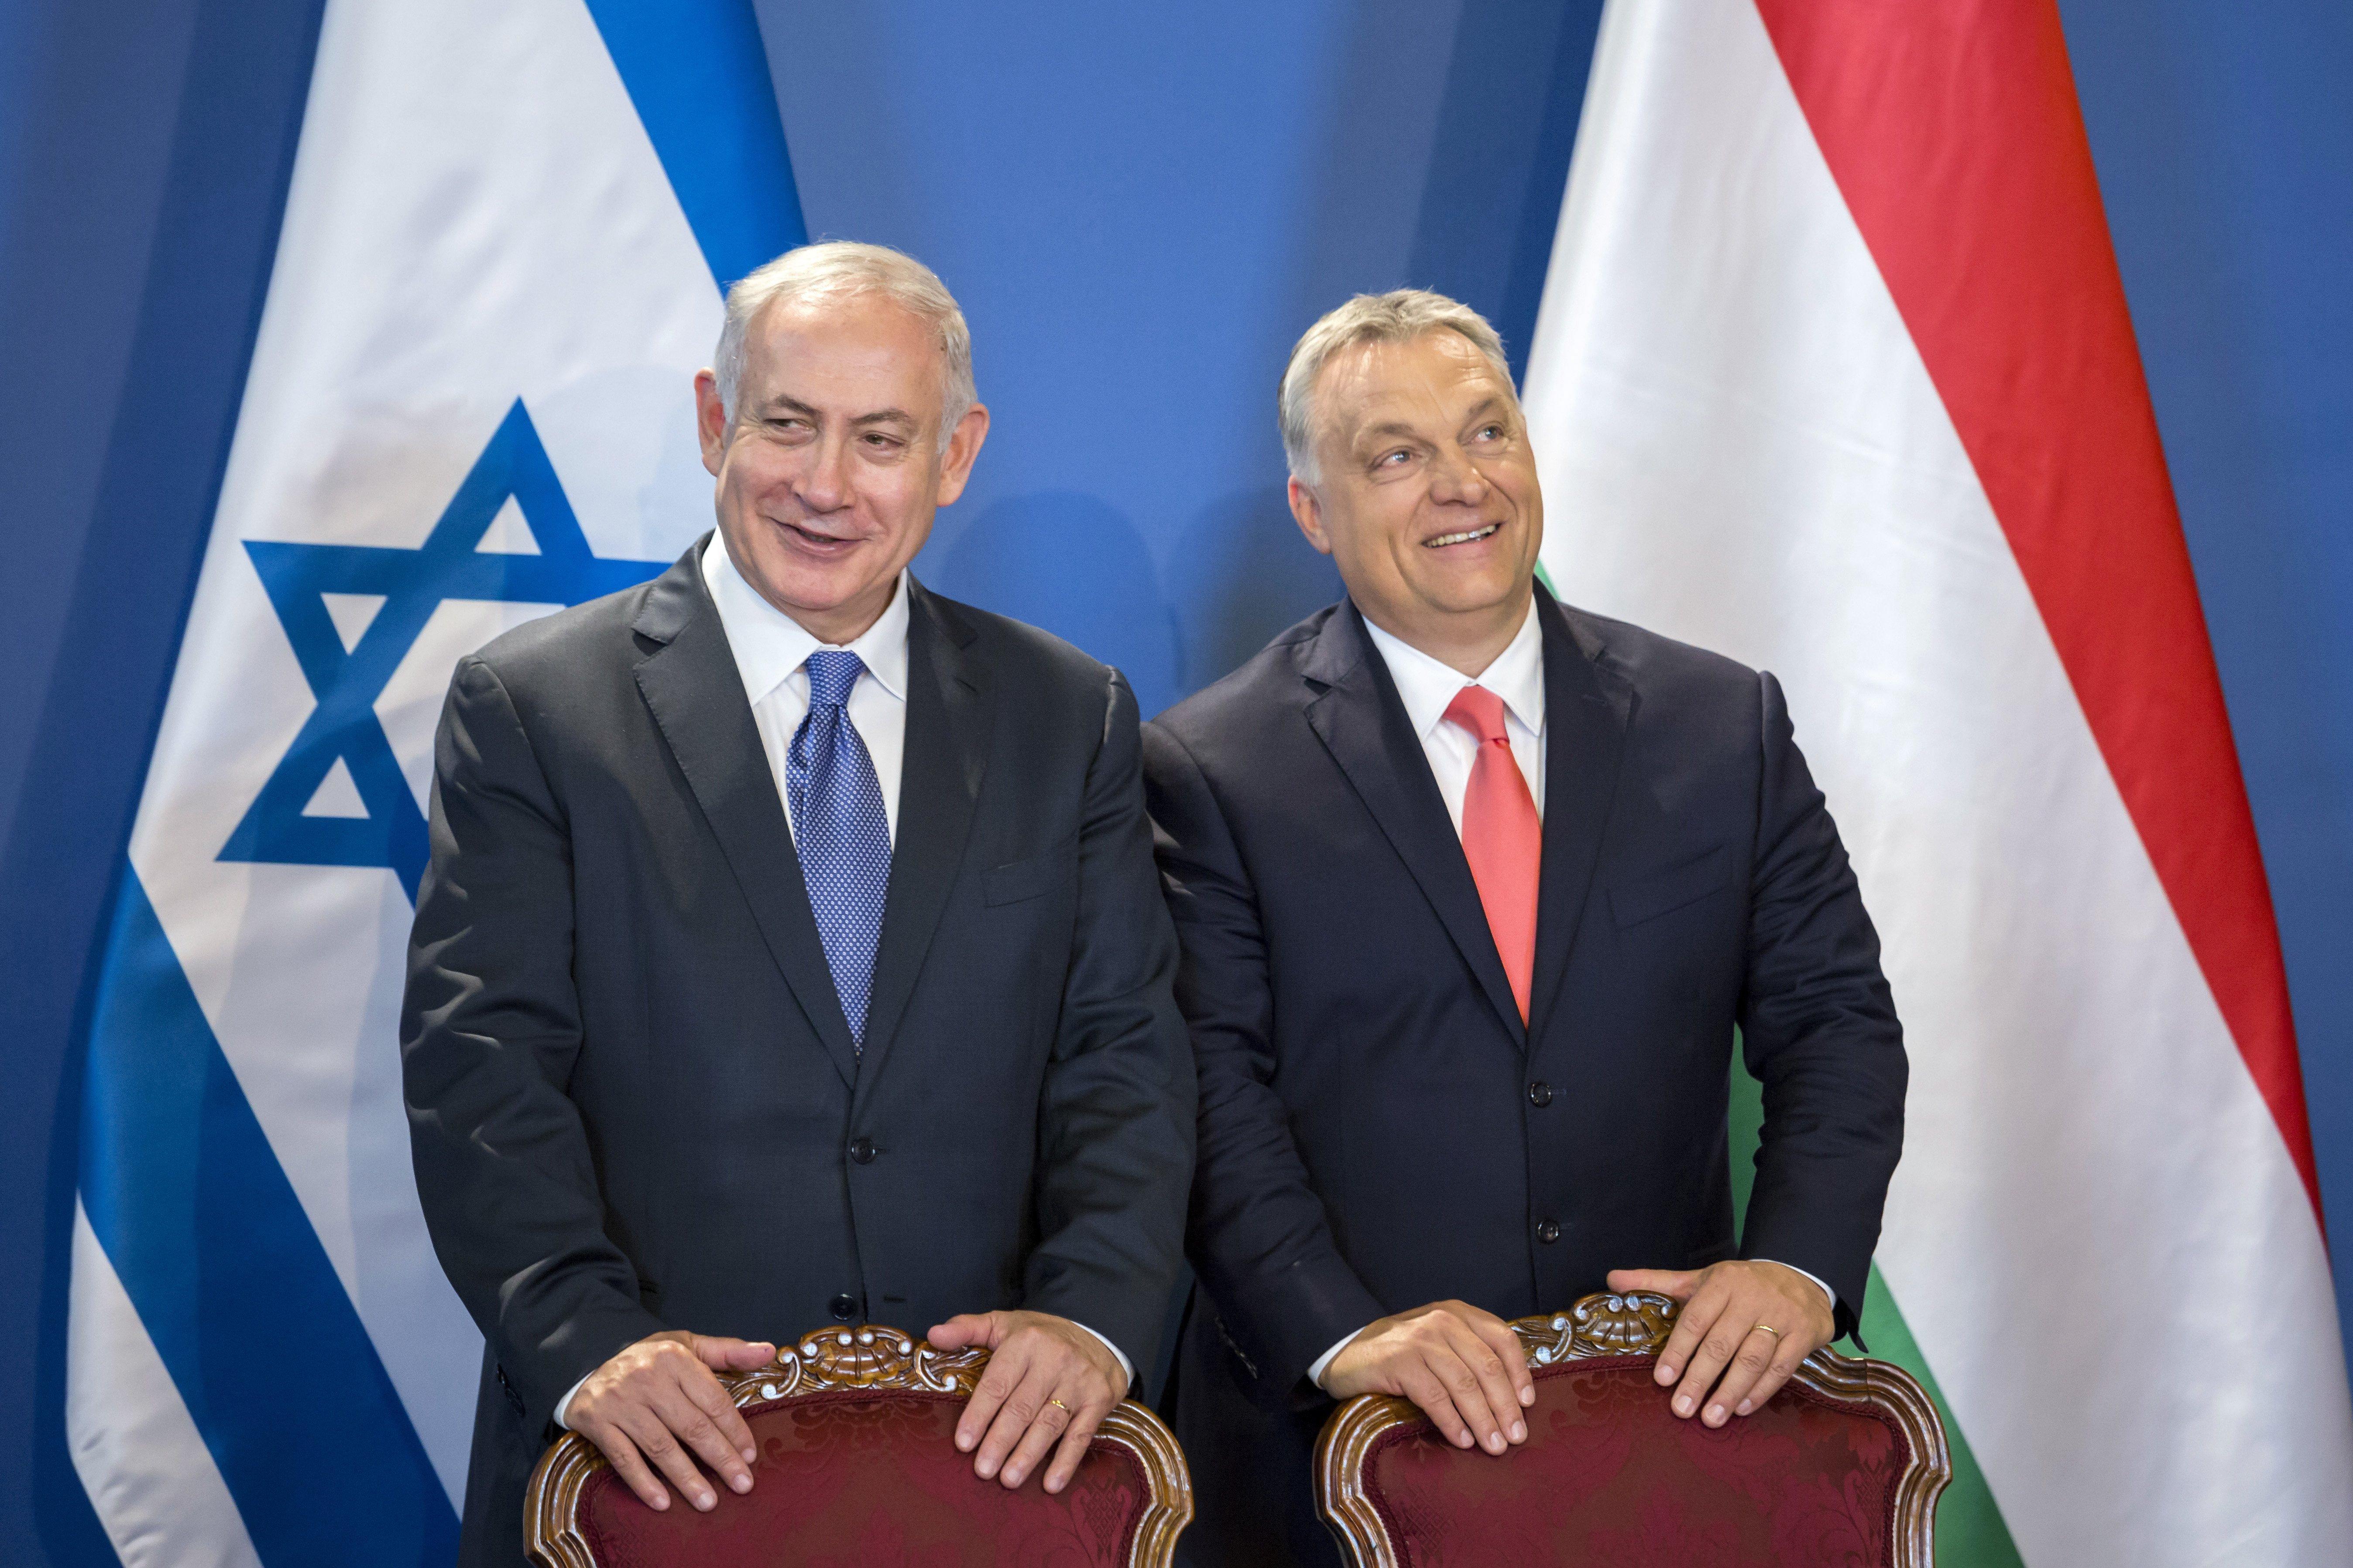 Izraeli kémszoftverrel figyeltek meg kormánykritikus magyar újságírókat, vállalkozókat és politikusokat